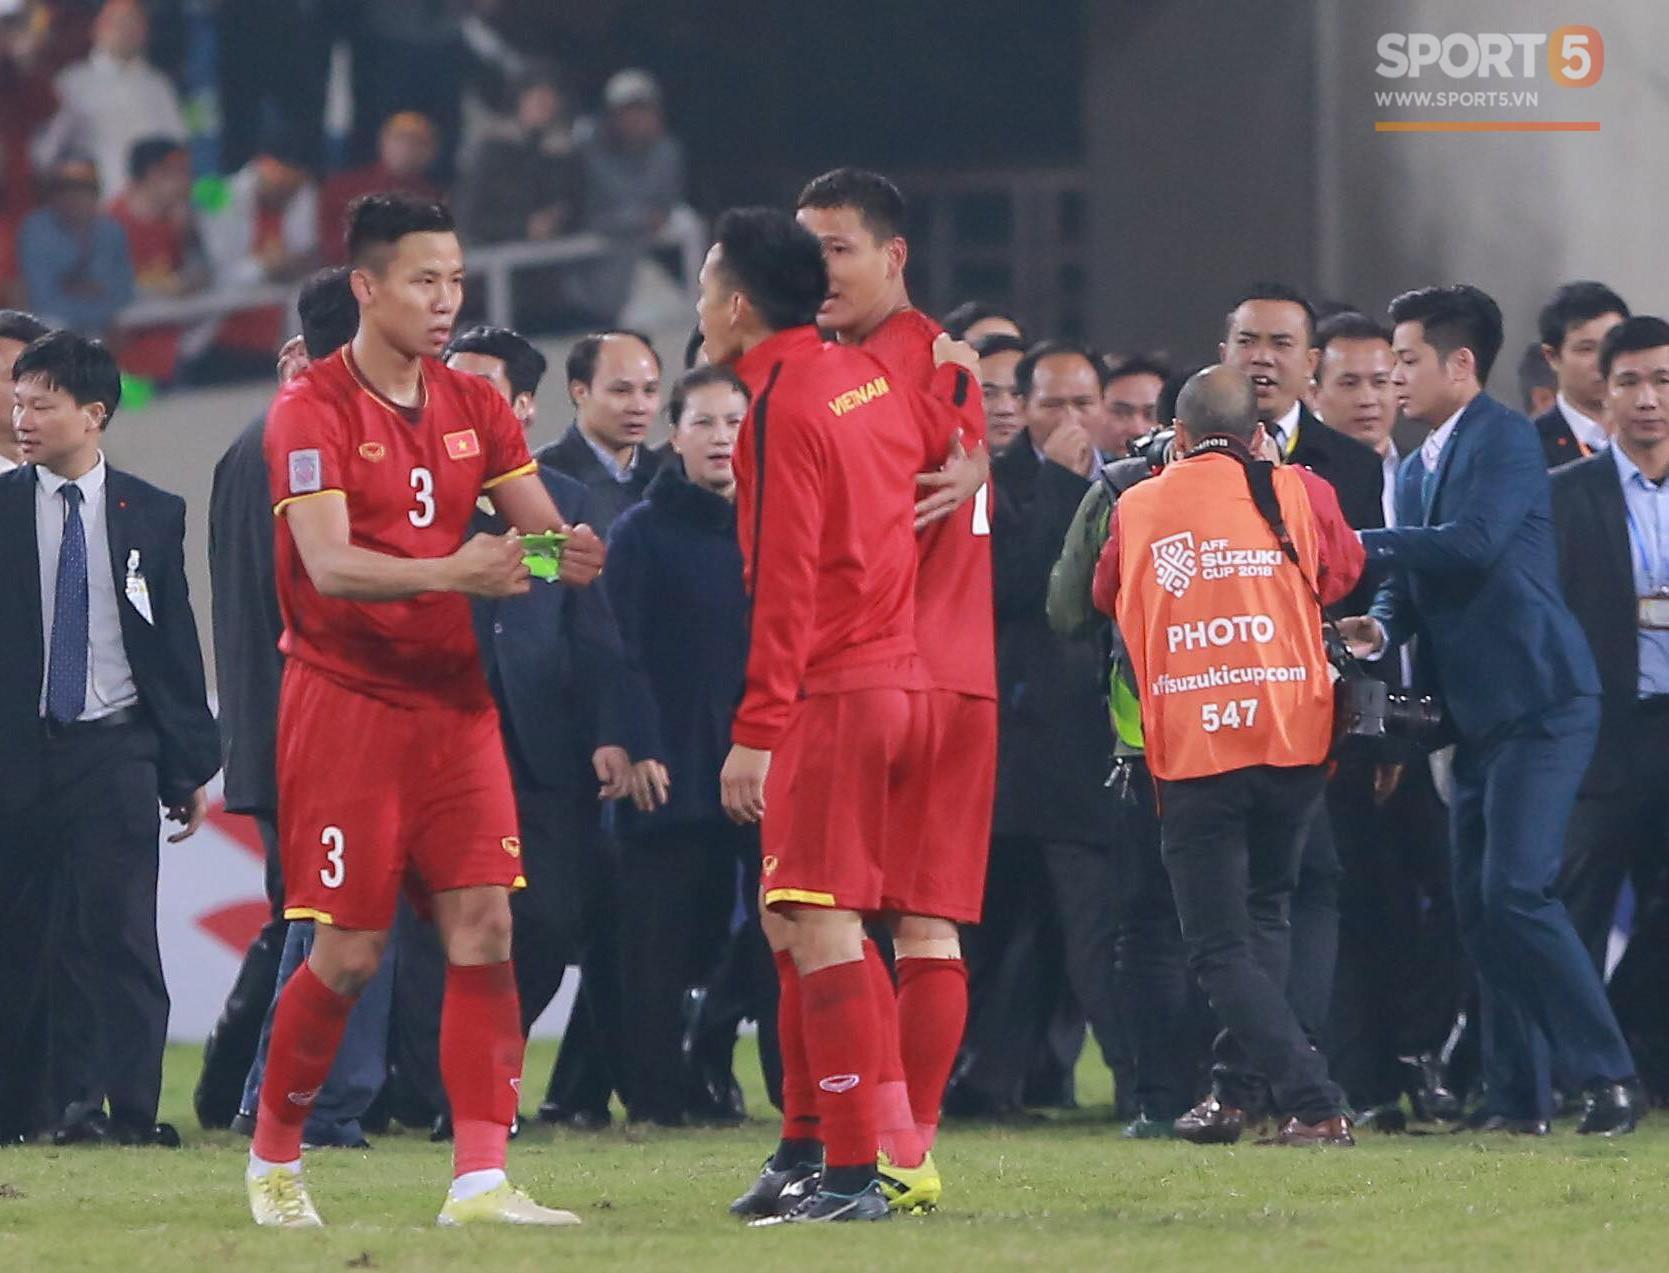 Nhà vô địch AFF Cup 2018 Quế Ngọc Hải: 'Máy chém' rũ bỏ những định kiến để đứng dậy sáng lòa 1